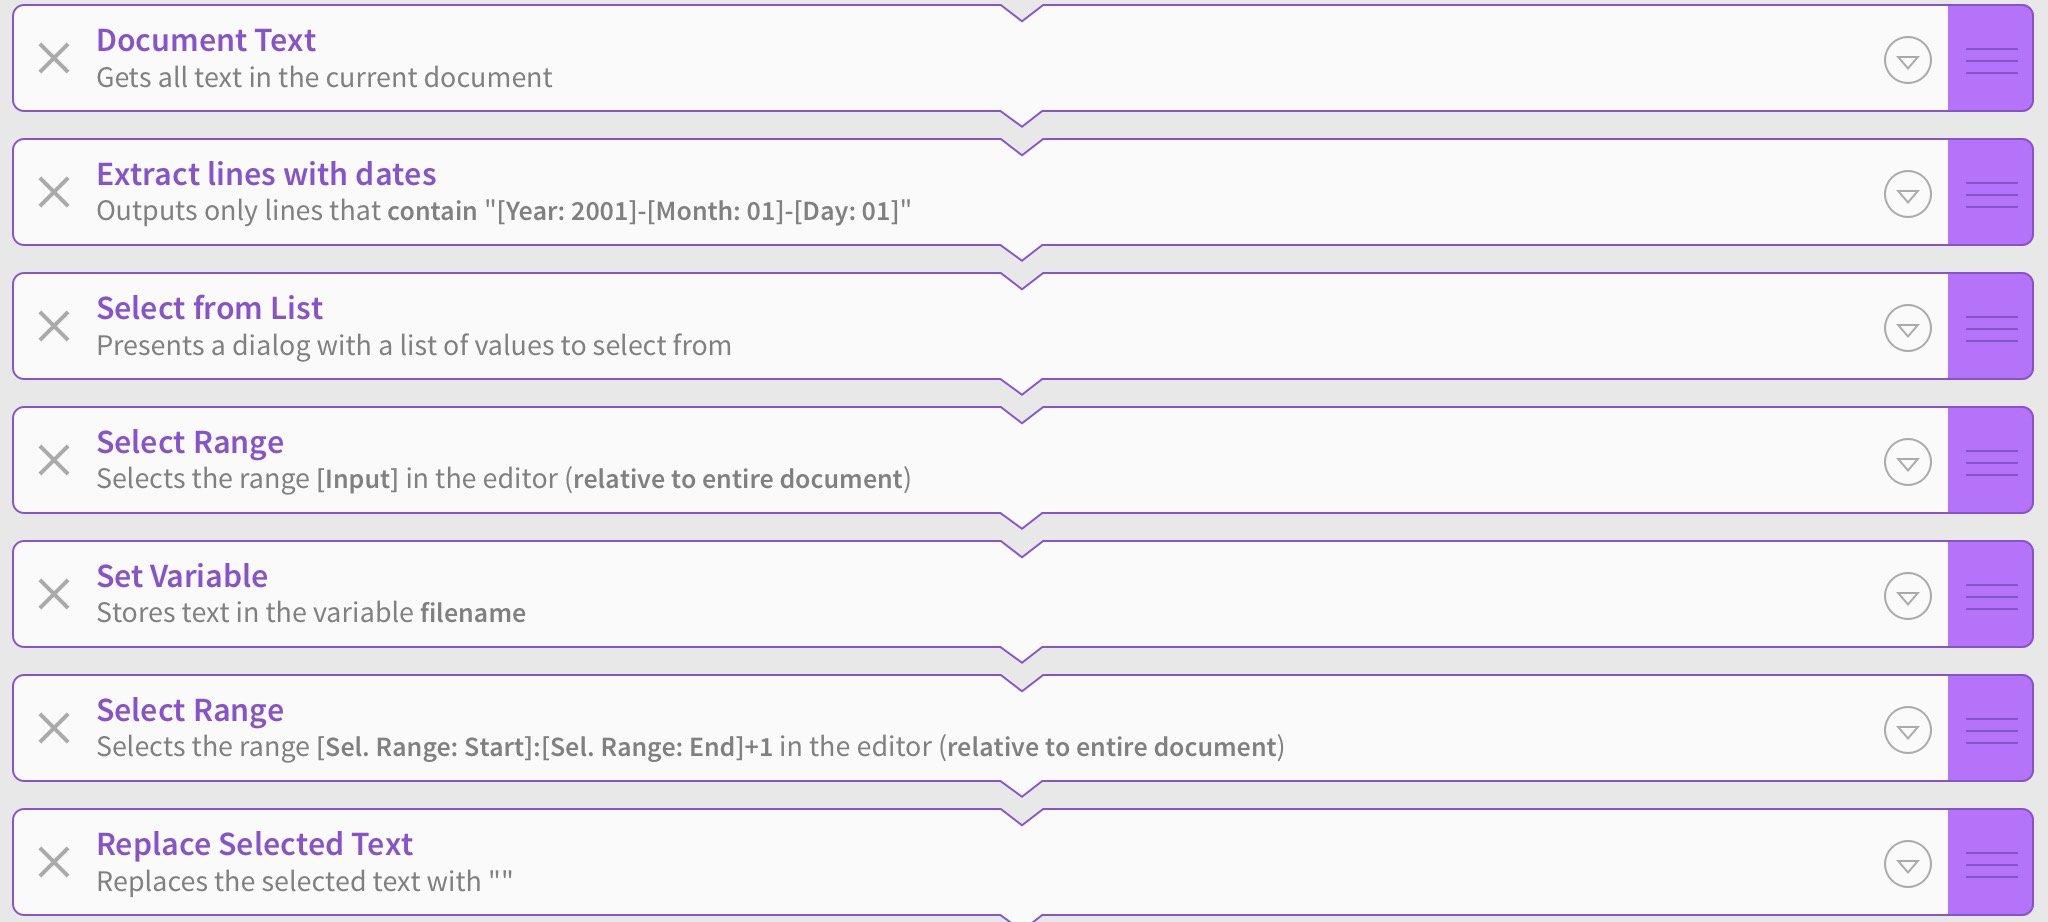 Editorial_wflow_violet